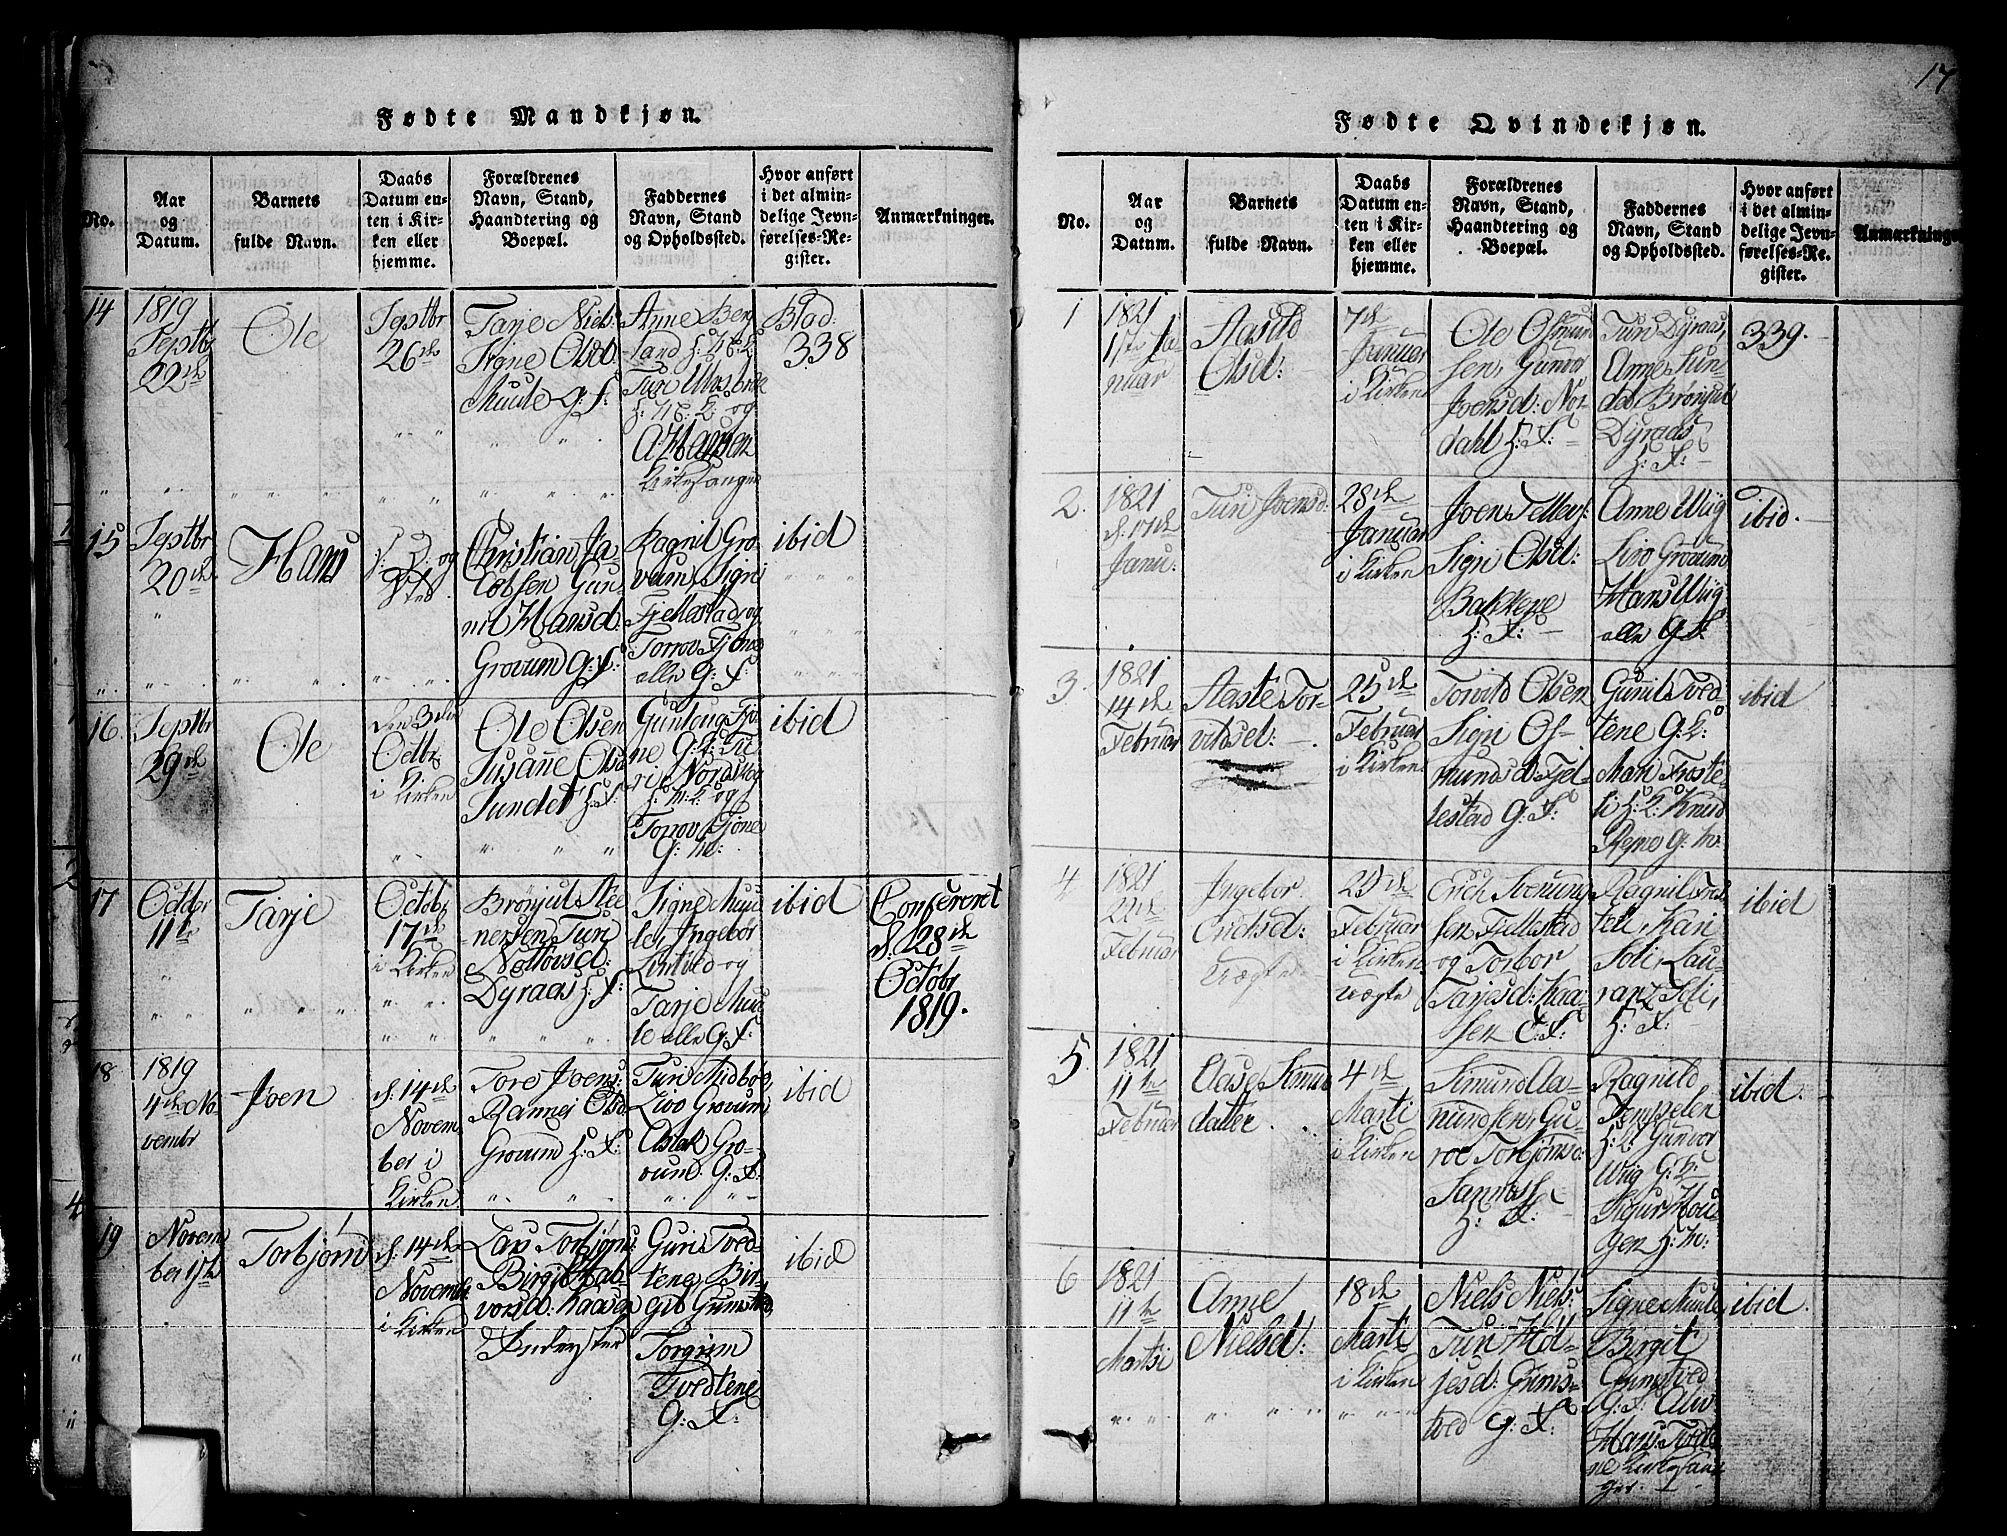 SAKO, Nissedal kirkebøker, G/Ga/L0001: Klokkerbok nr. I 1, 1814-1860, s. 17